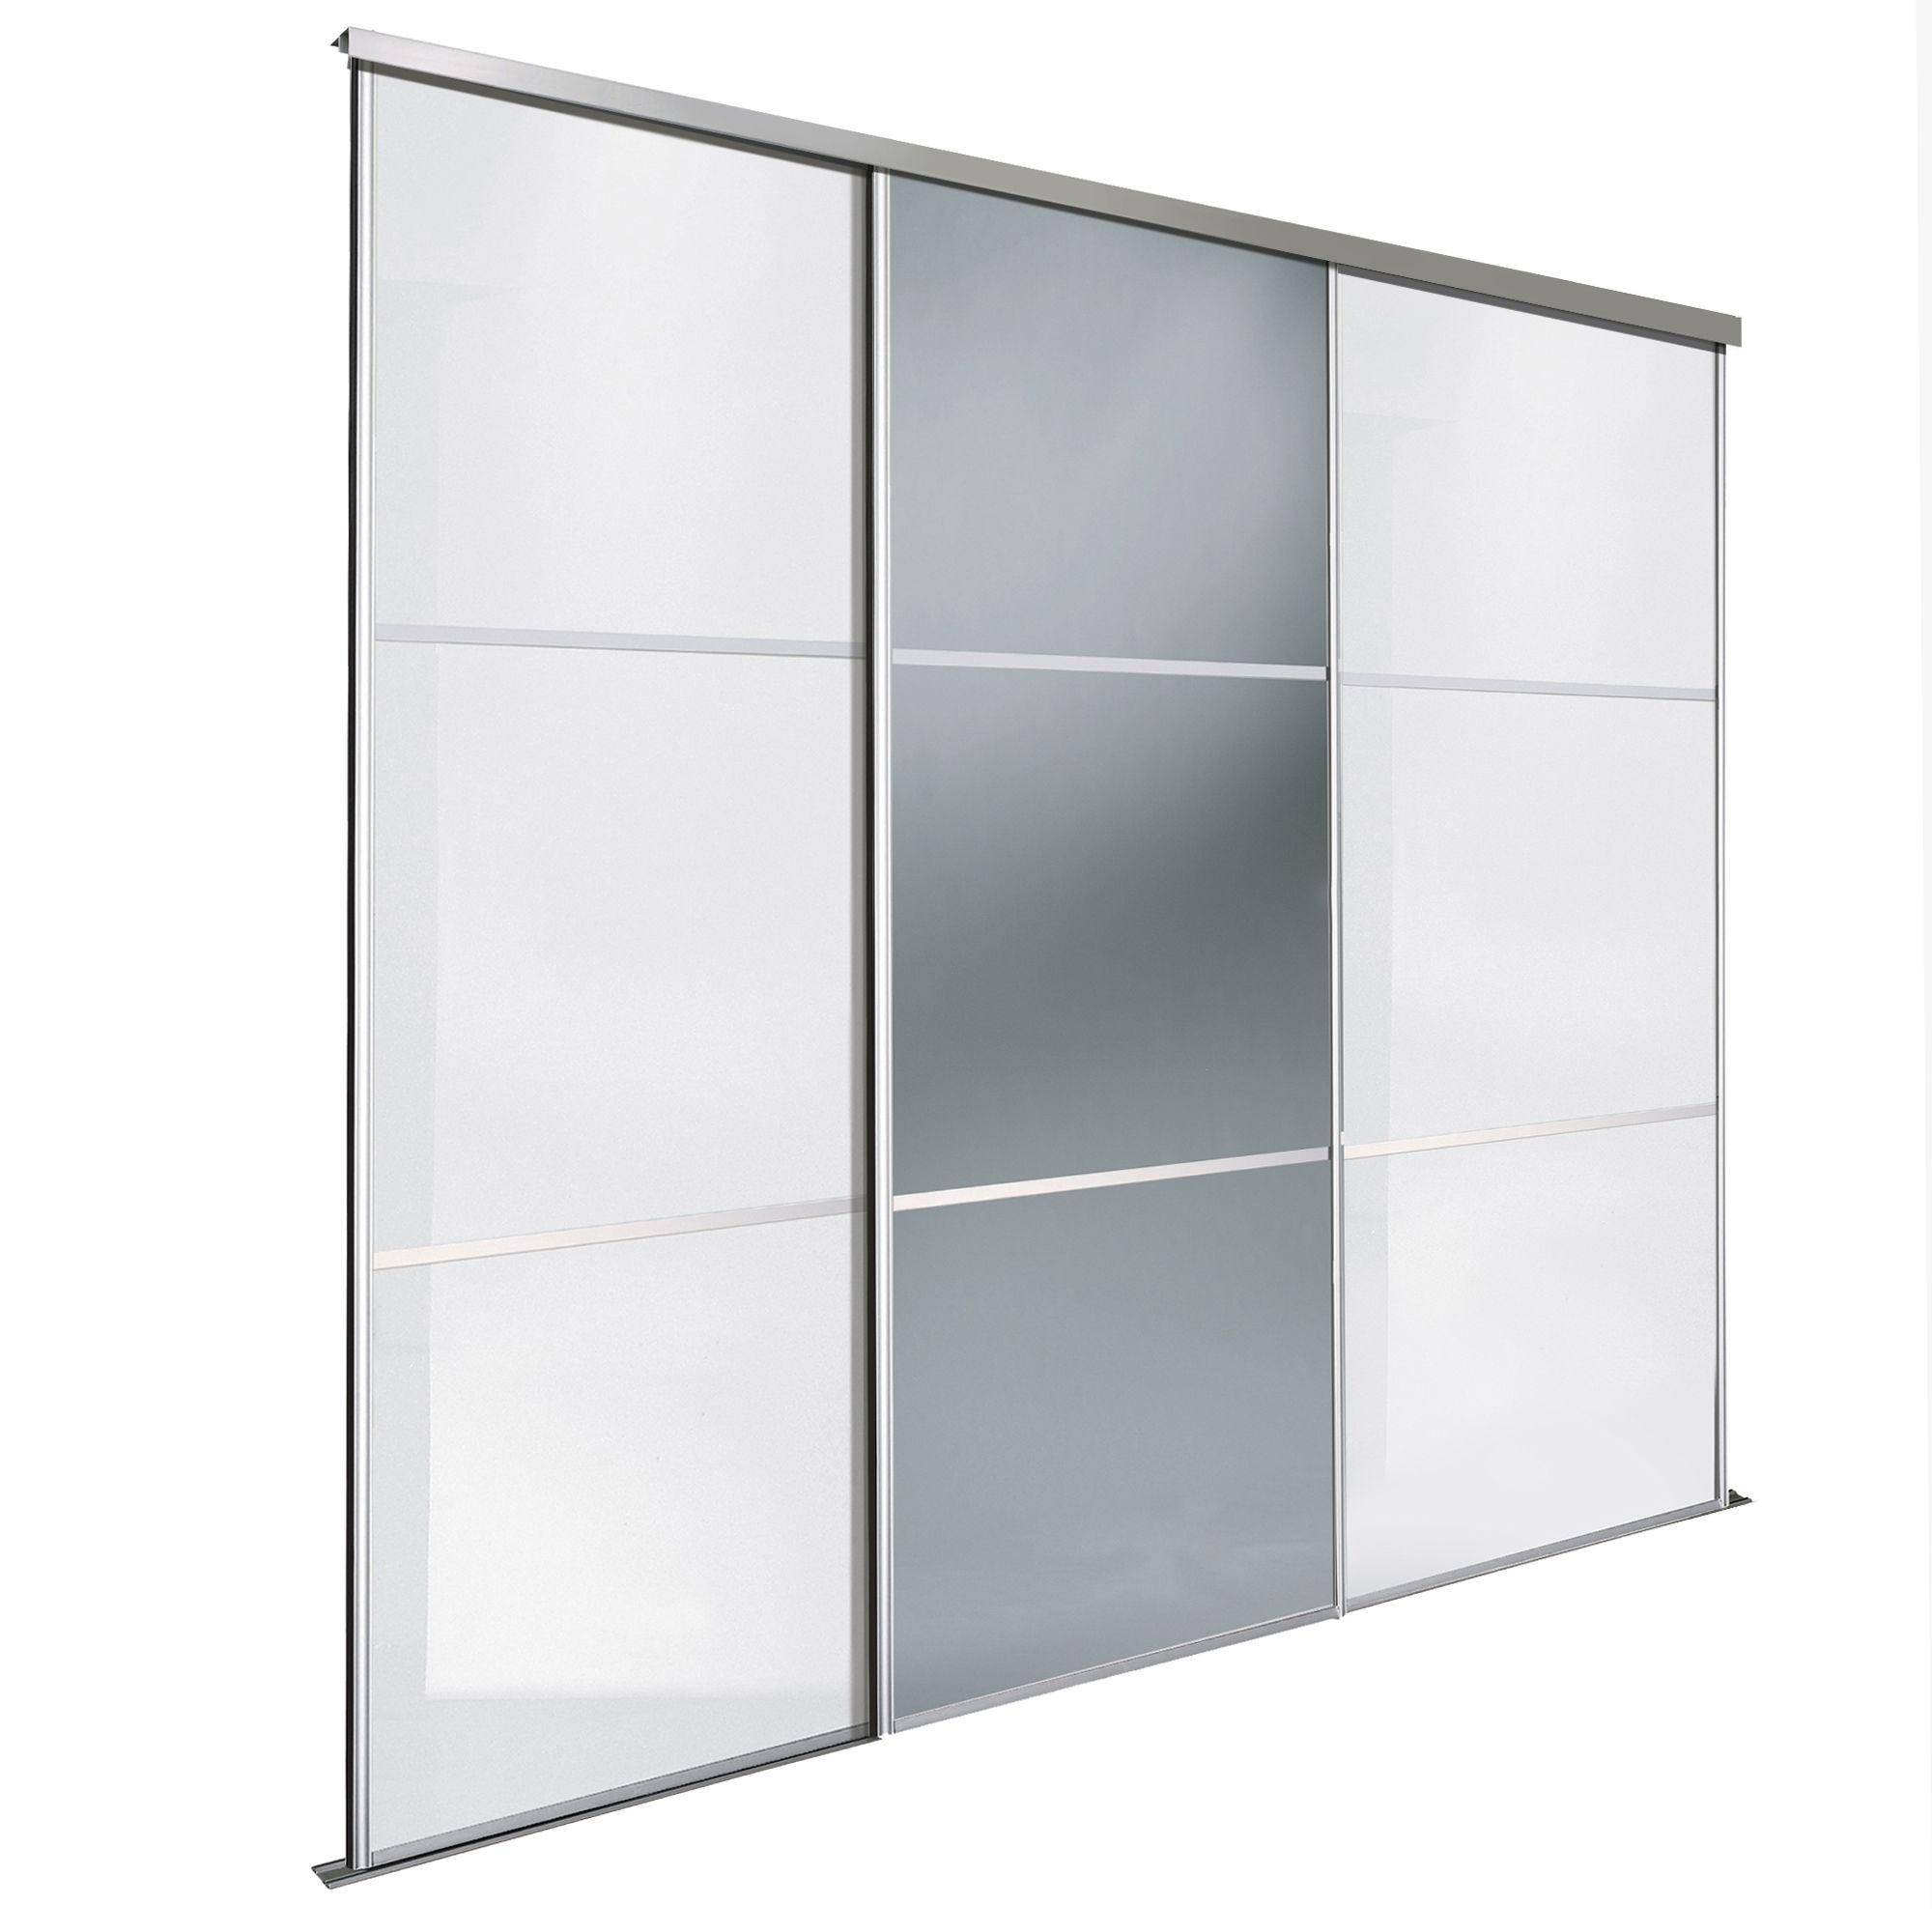 Premium Select White & Smoked Grey Mirror Sliding Wardrobe